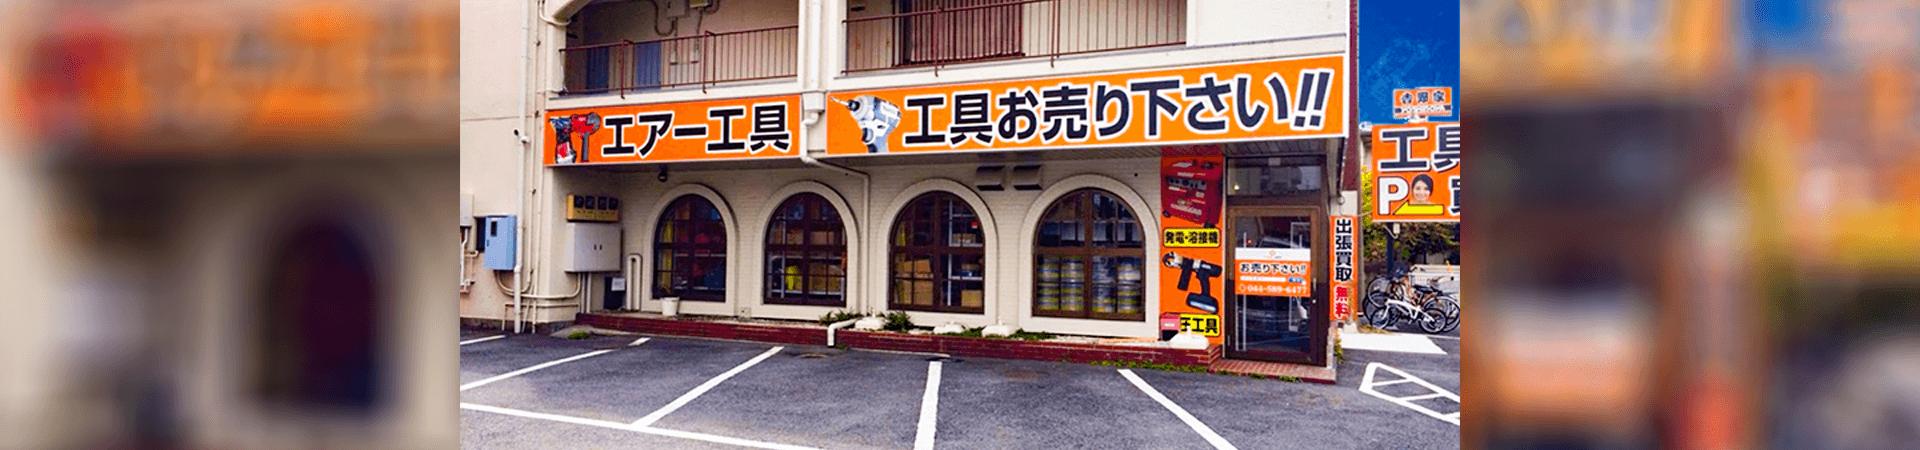 神奈川県で工具の買取ならツールオフへ